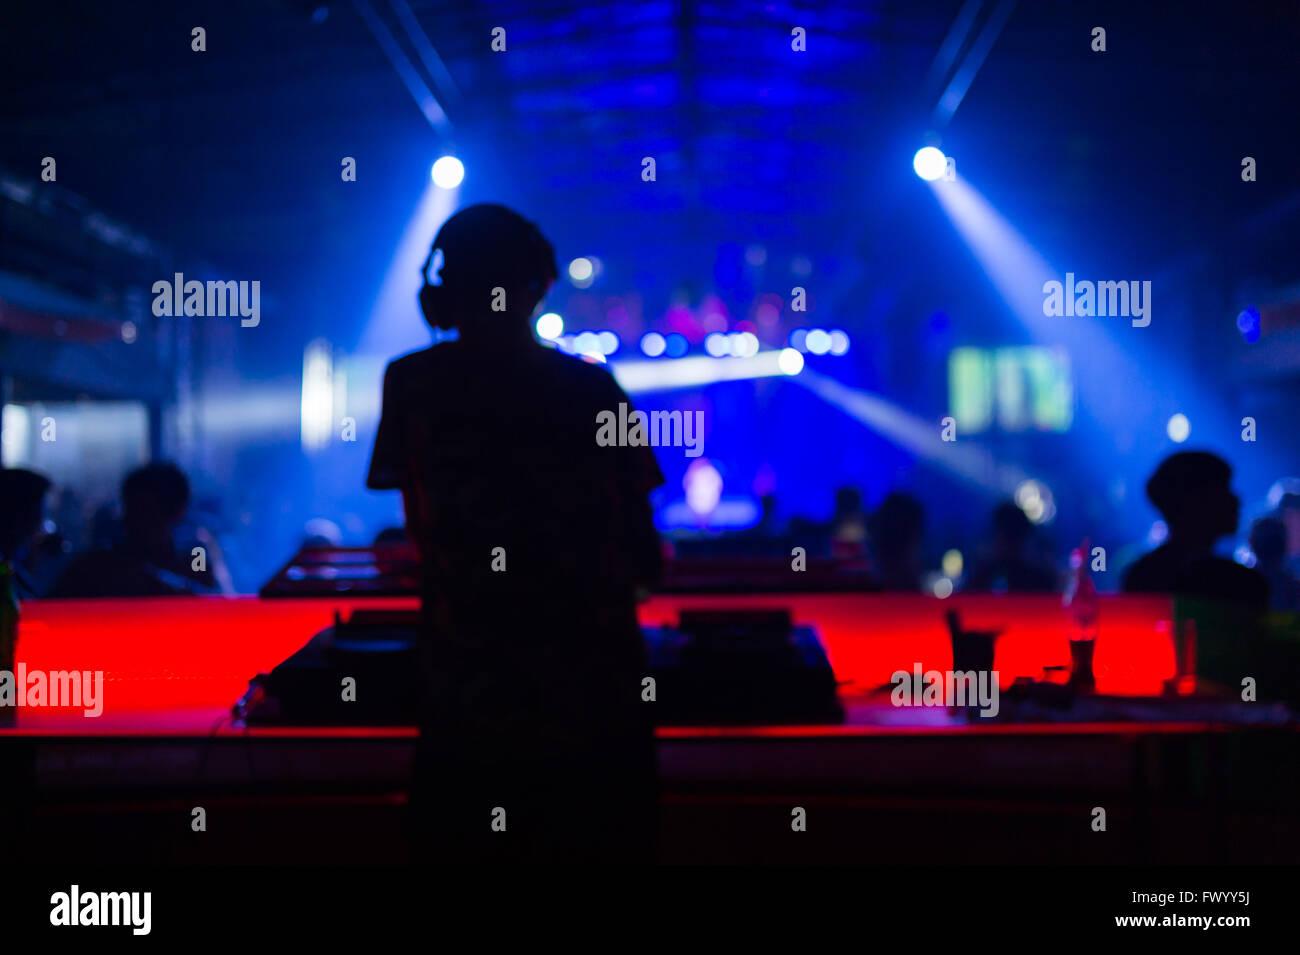 Arrière-plan flou: Club, discothèque DJ jouer et mixer de la musique pour foule de gens heureux. Photo Stock